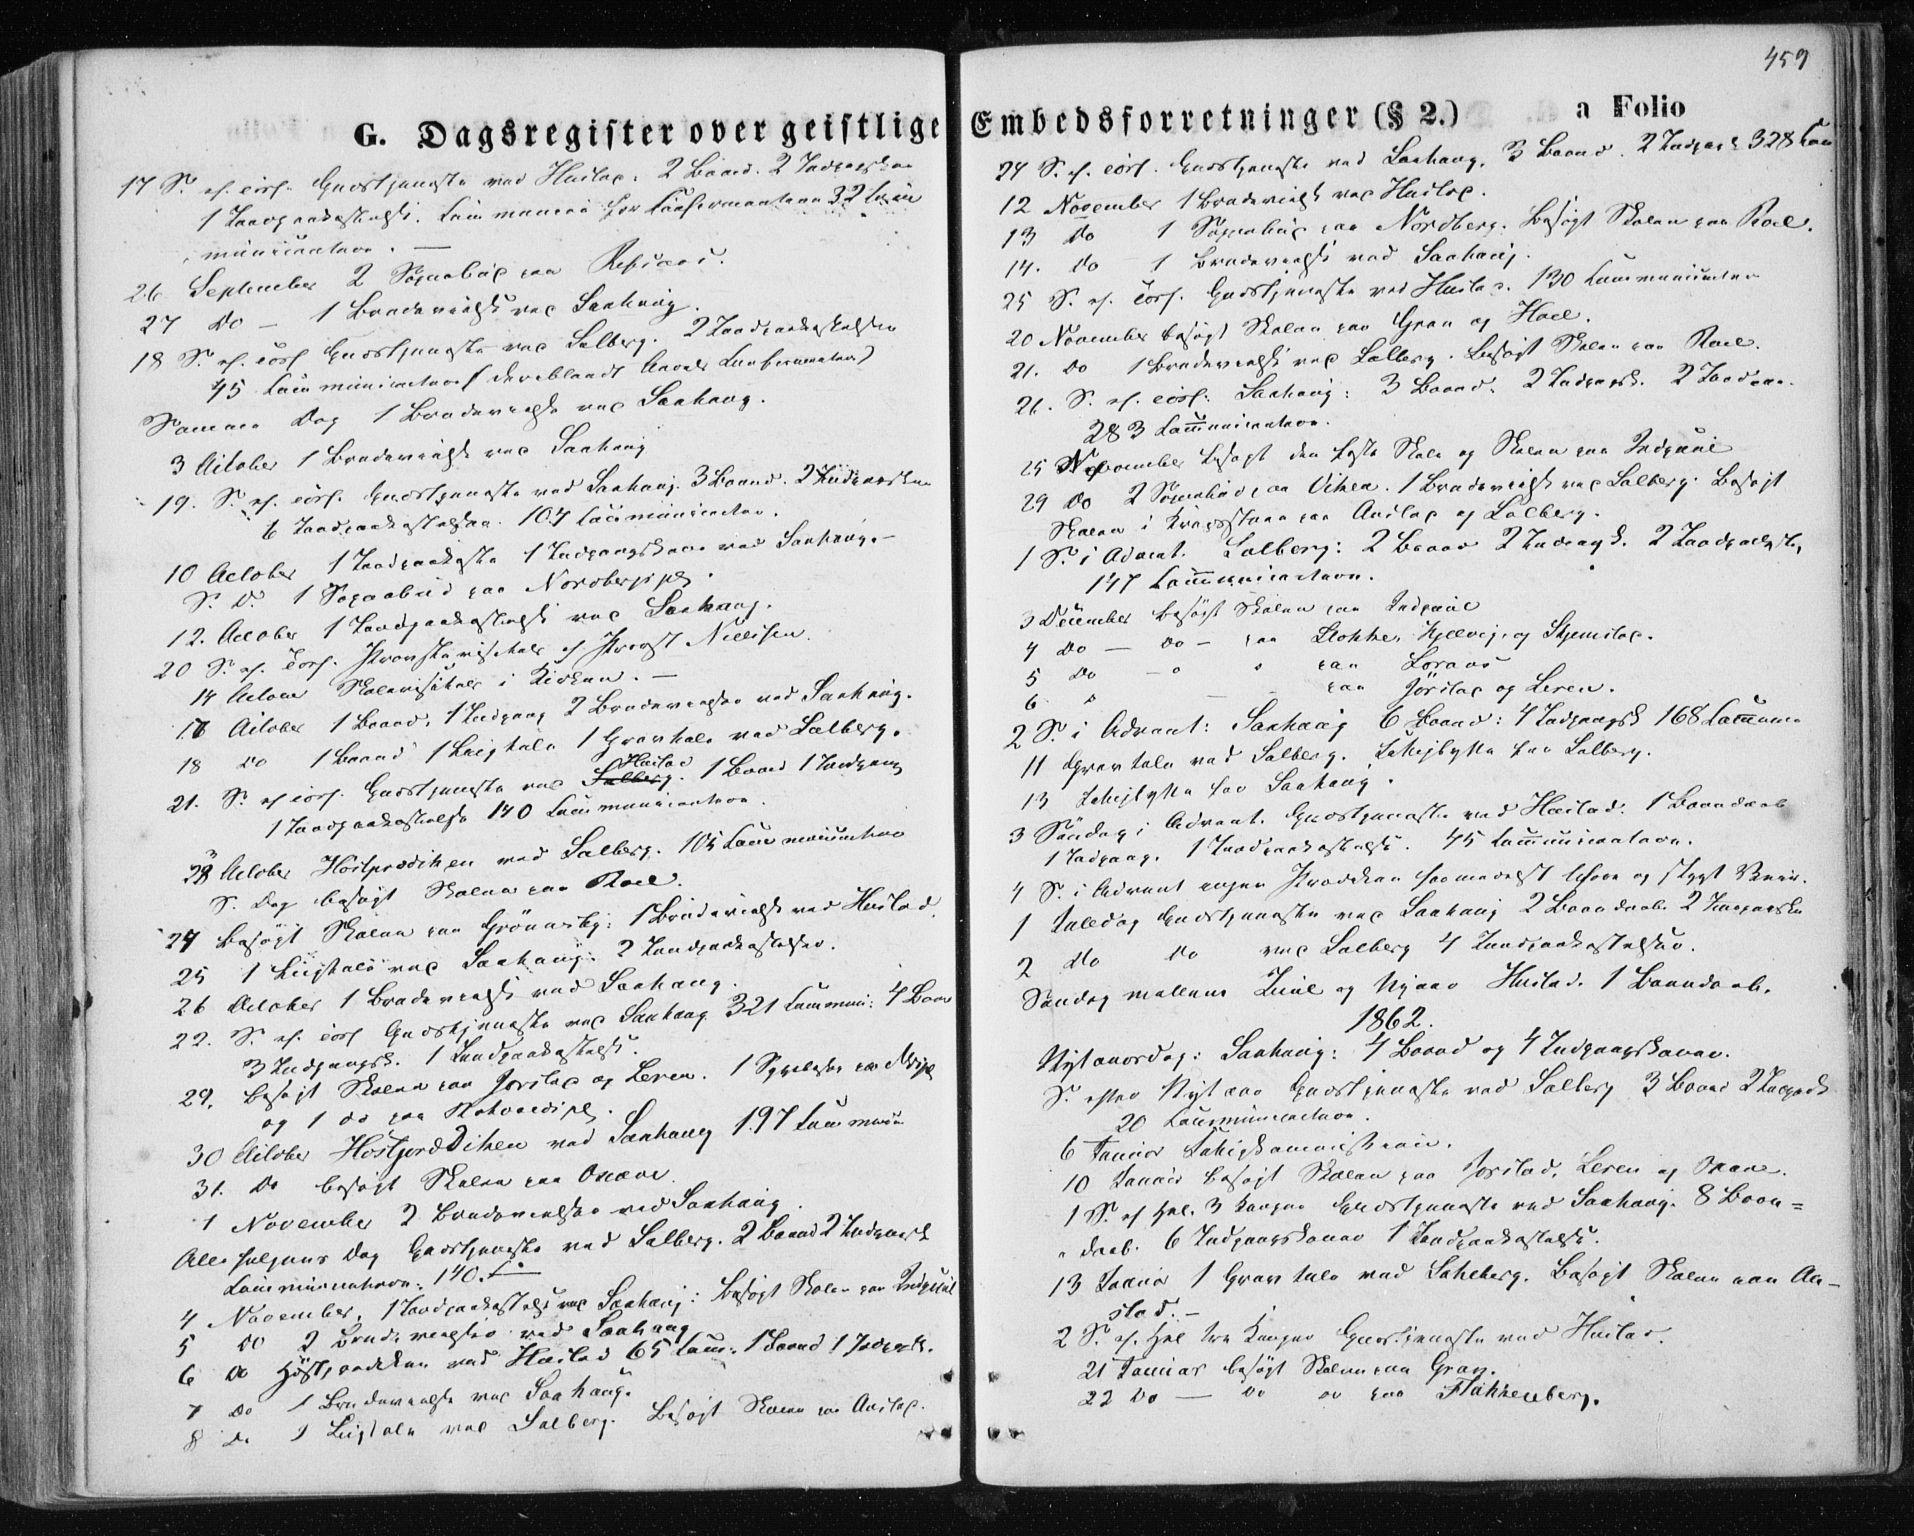 SAT, Ministerialprotokoller, klokkerbøker og fødselsregistre - Nord-Trøndelag, 730/L0283: Ministerialbok nr. 730A08, 1855-1865, s. 459